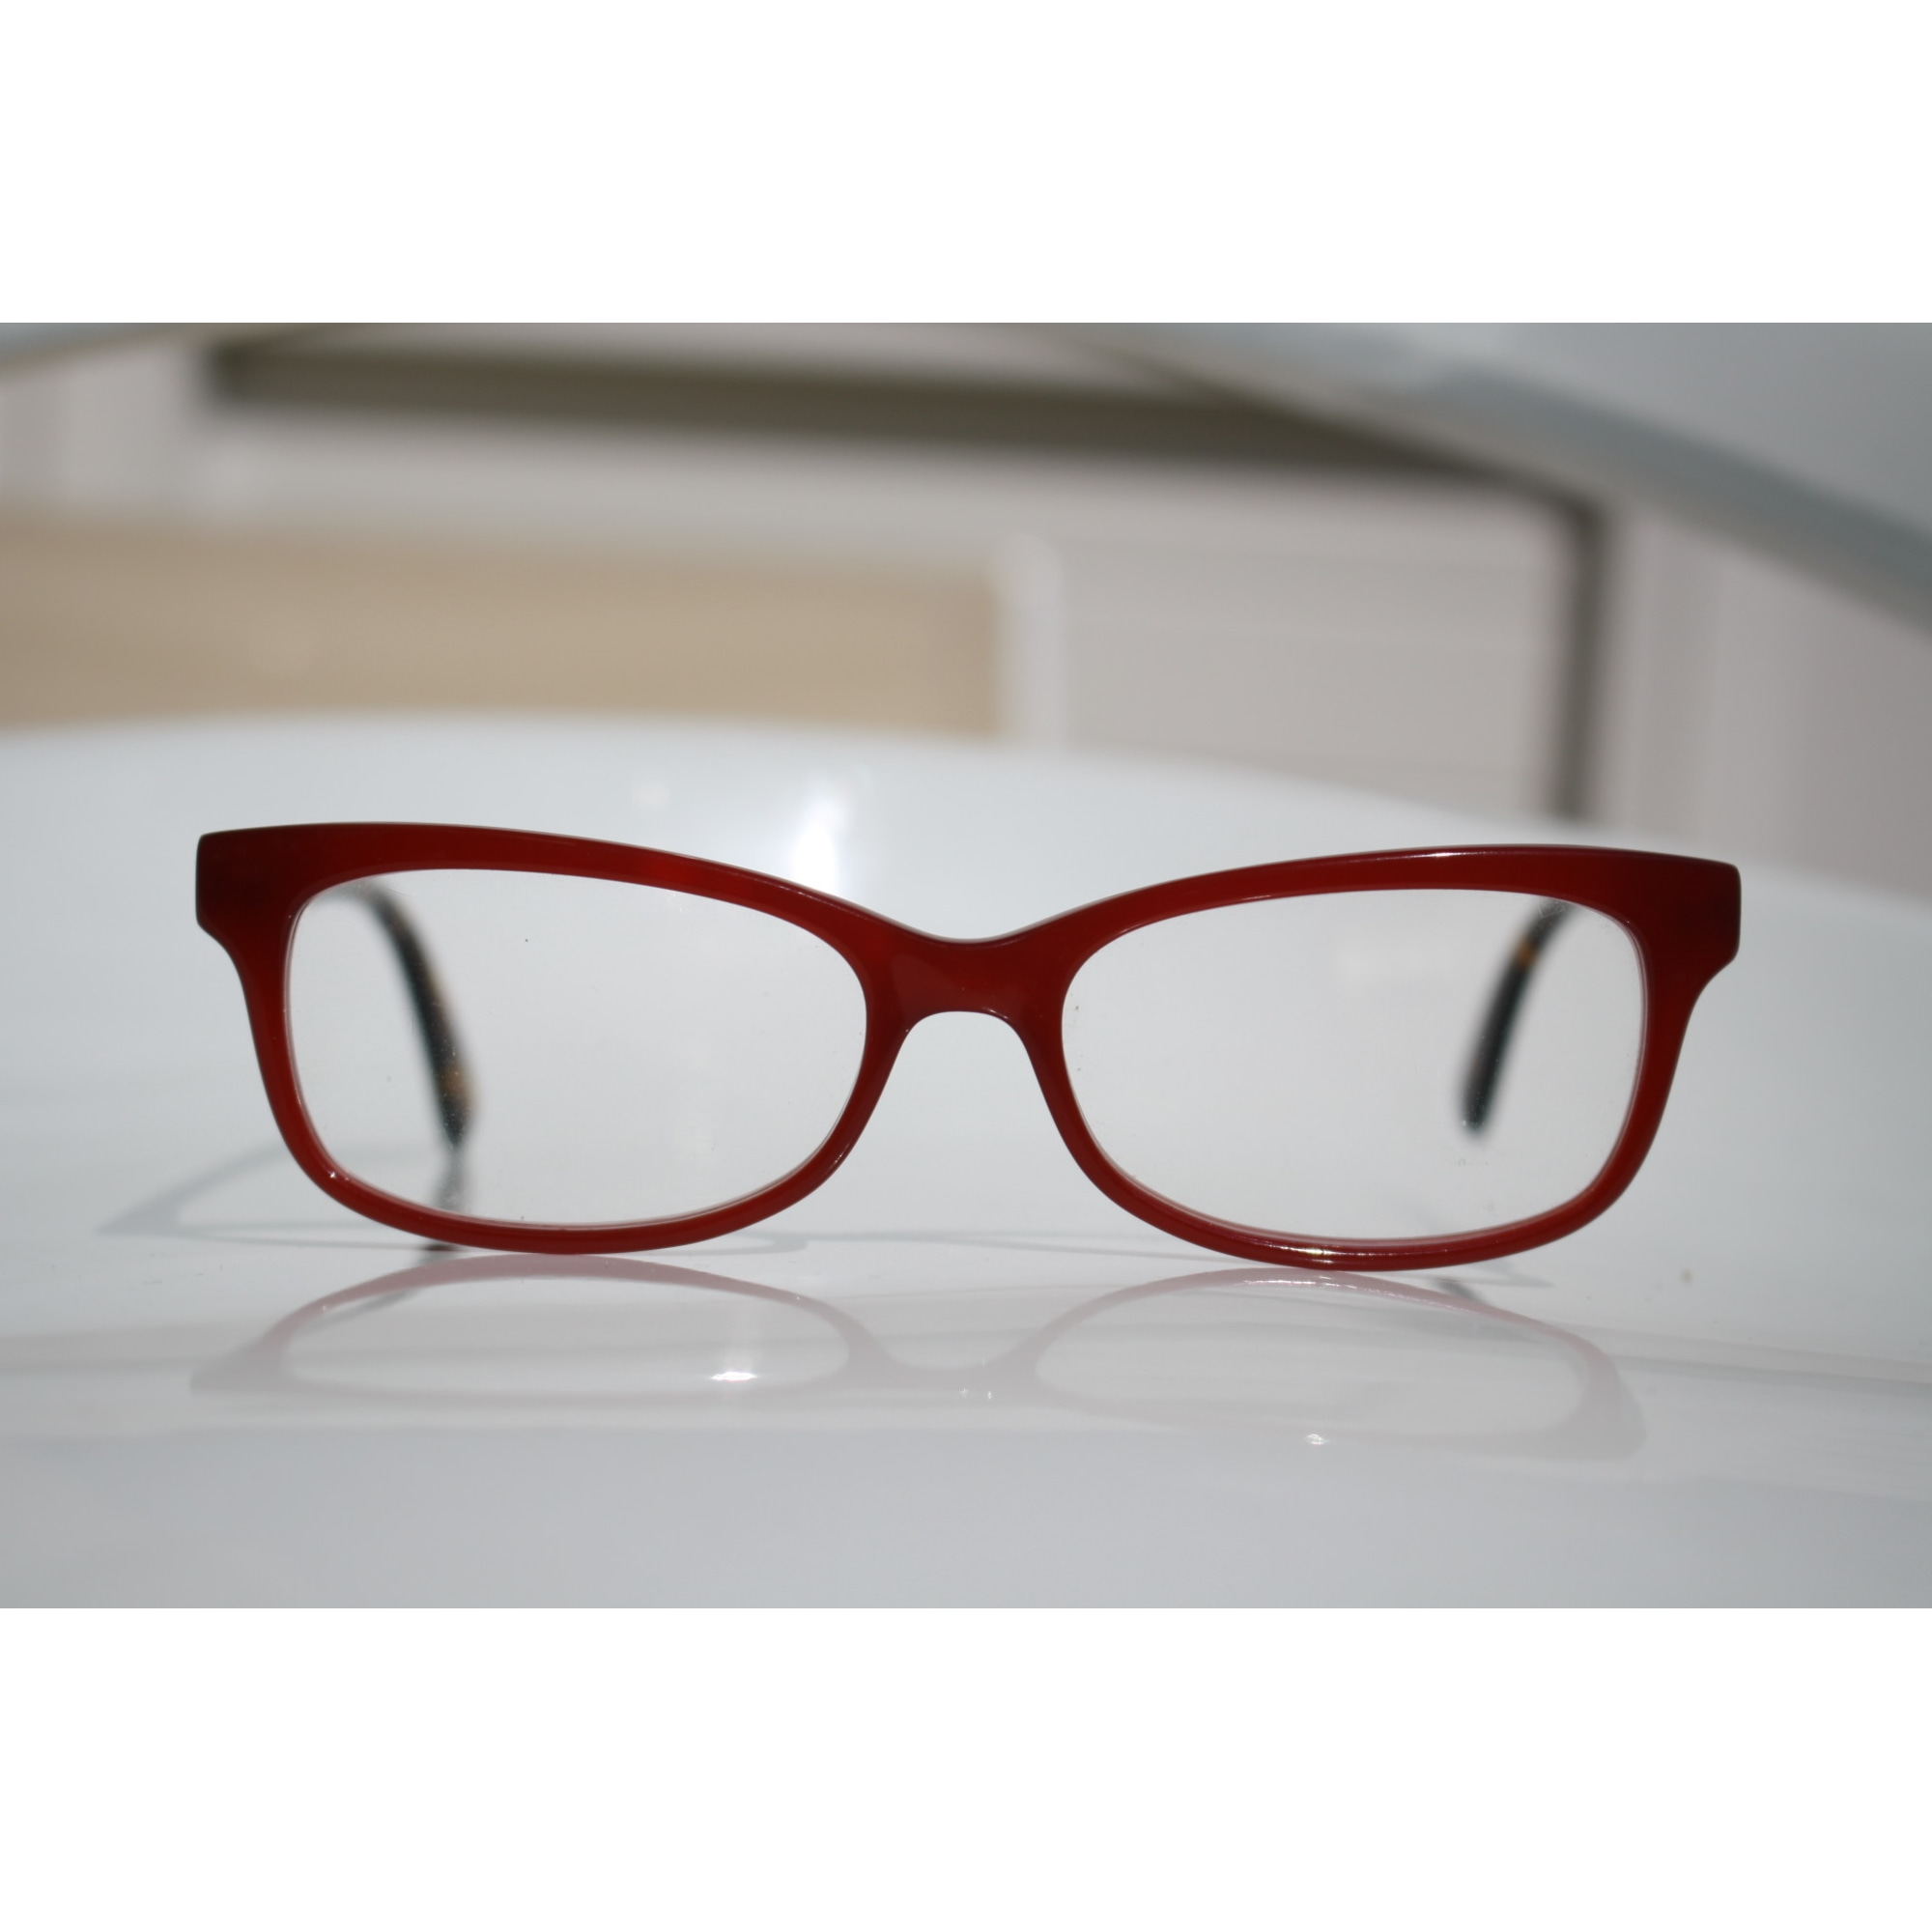 9fae63d18a4 Monture de lunettes SENSAYA rouge avec branches motfi animaliers ...